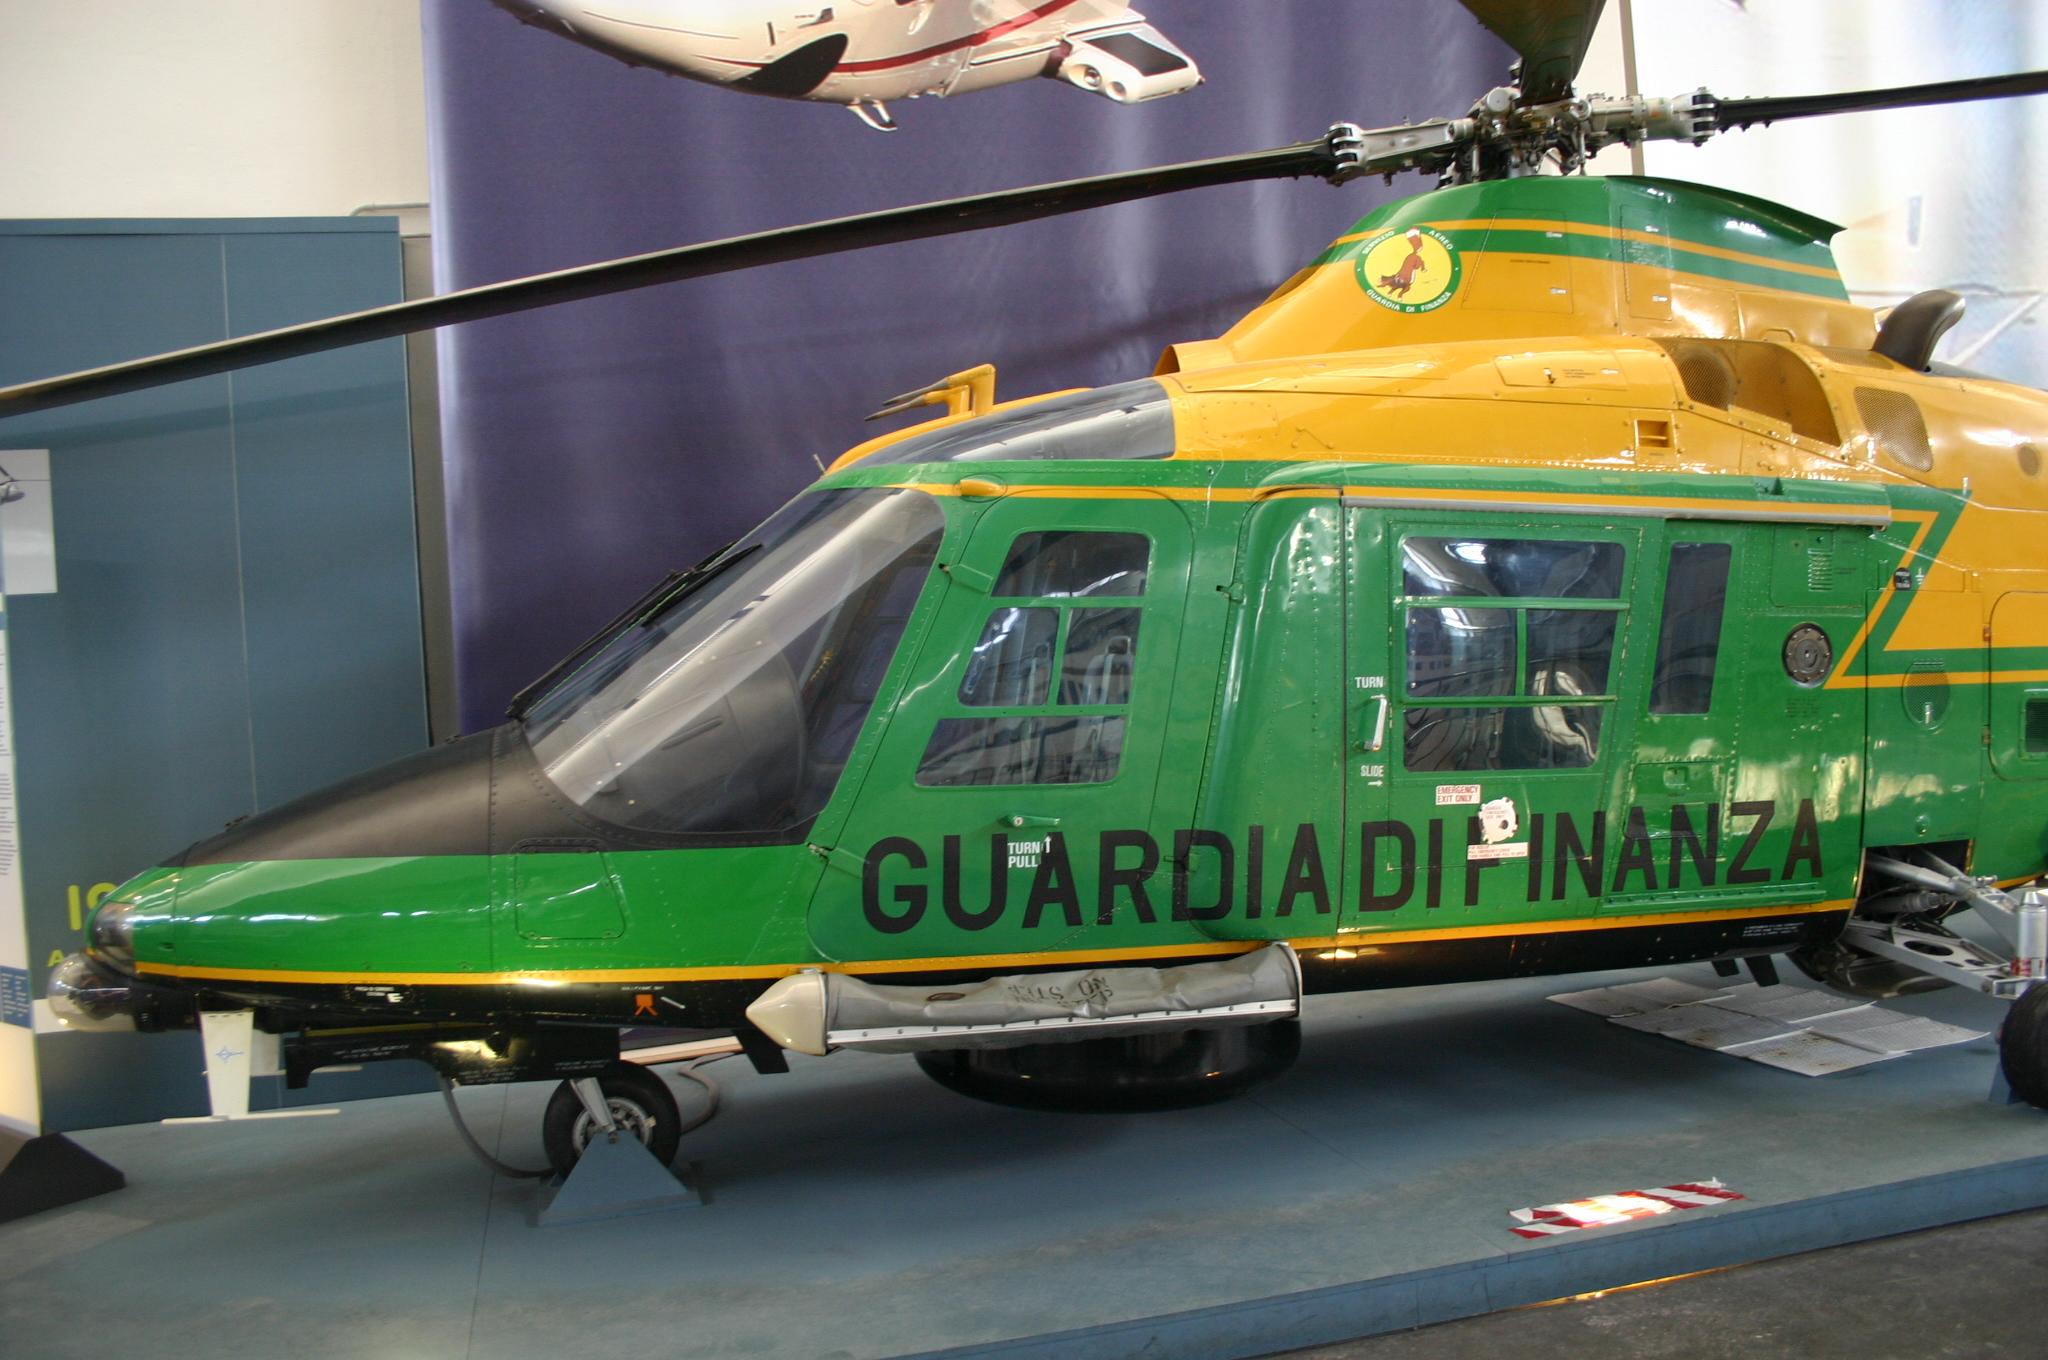 Elicottero Milano : File:9975 milano museo scienza elicottero augusta a 109 1985